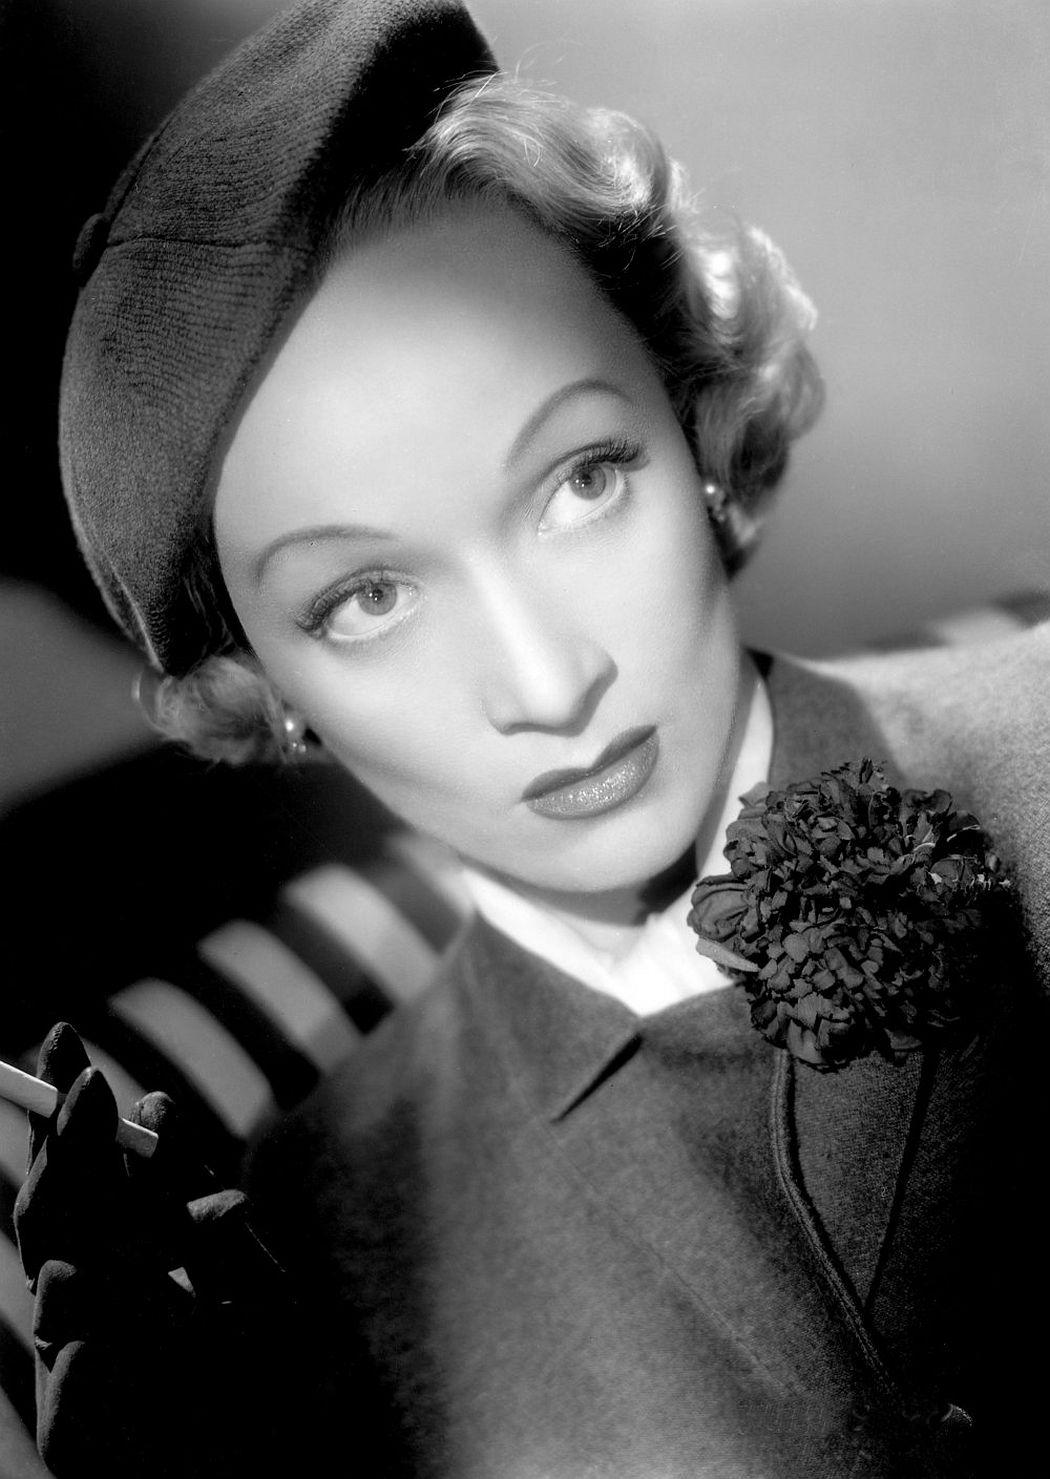 Marlene Dietrich in No Highway (1951)